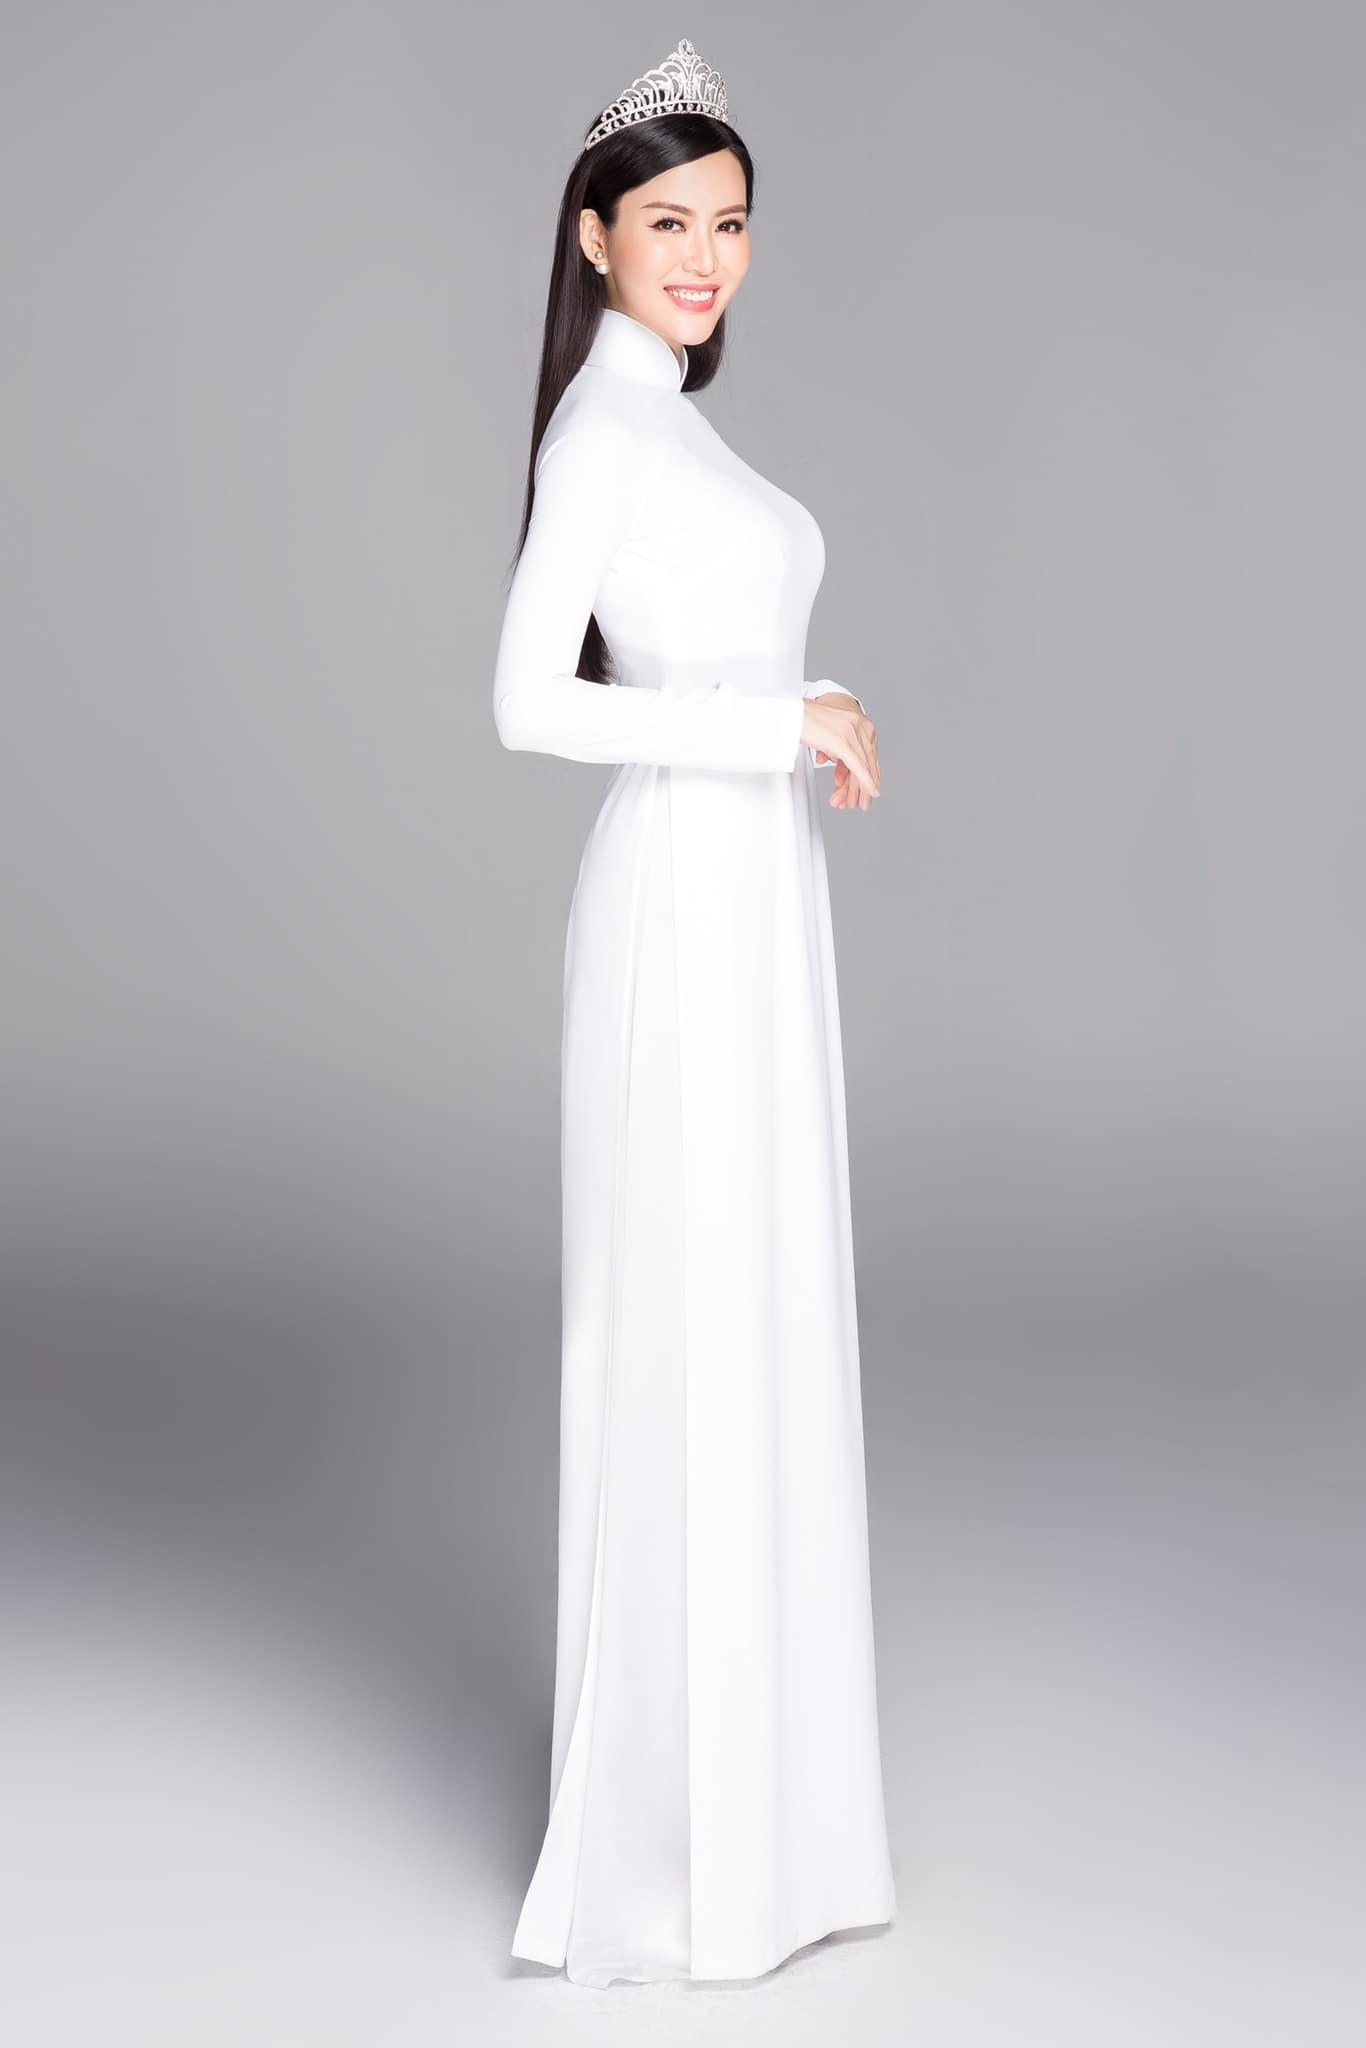 Hé lộ thêm nguyên nhân Hoa hậu Thu Thủy qua đời: Người thân tiết lộ bất ngờ - hình ảnh 9